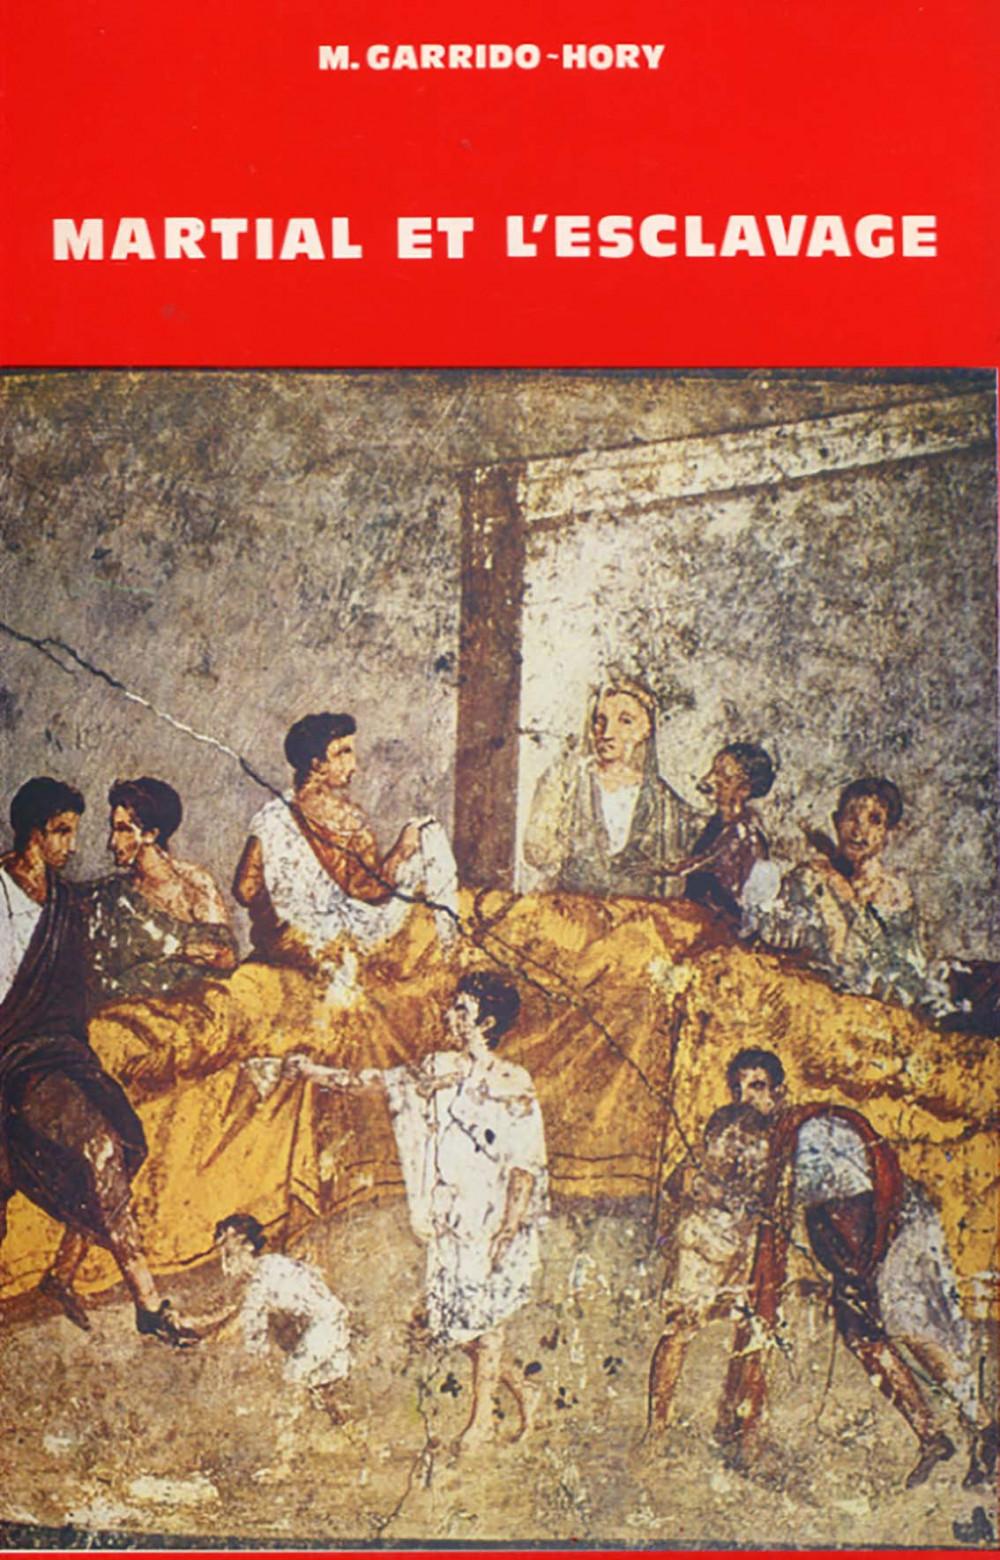 Martial et l'esclavage